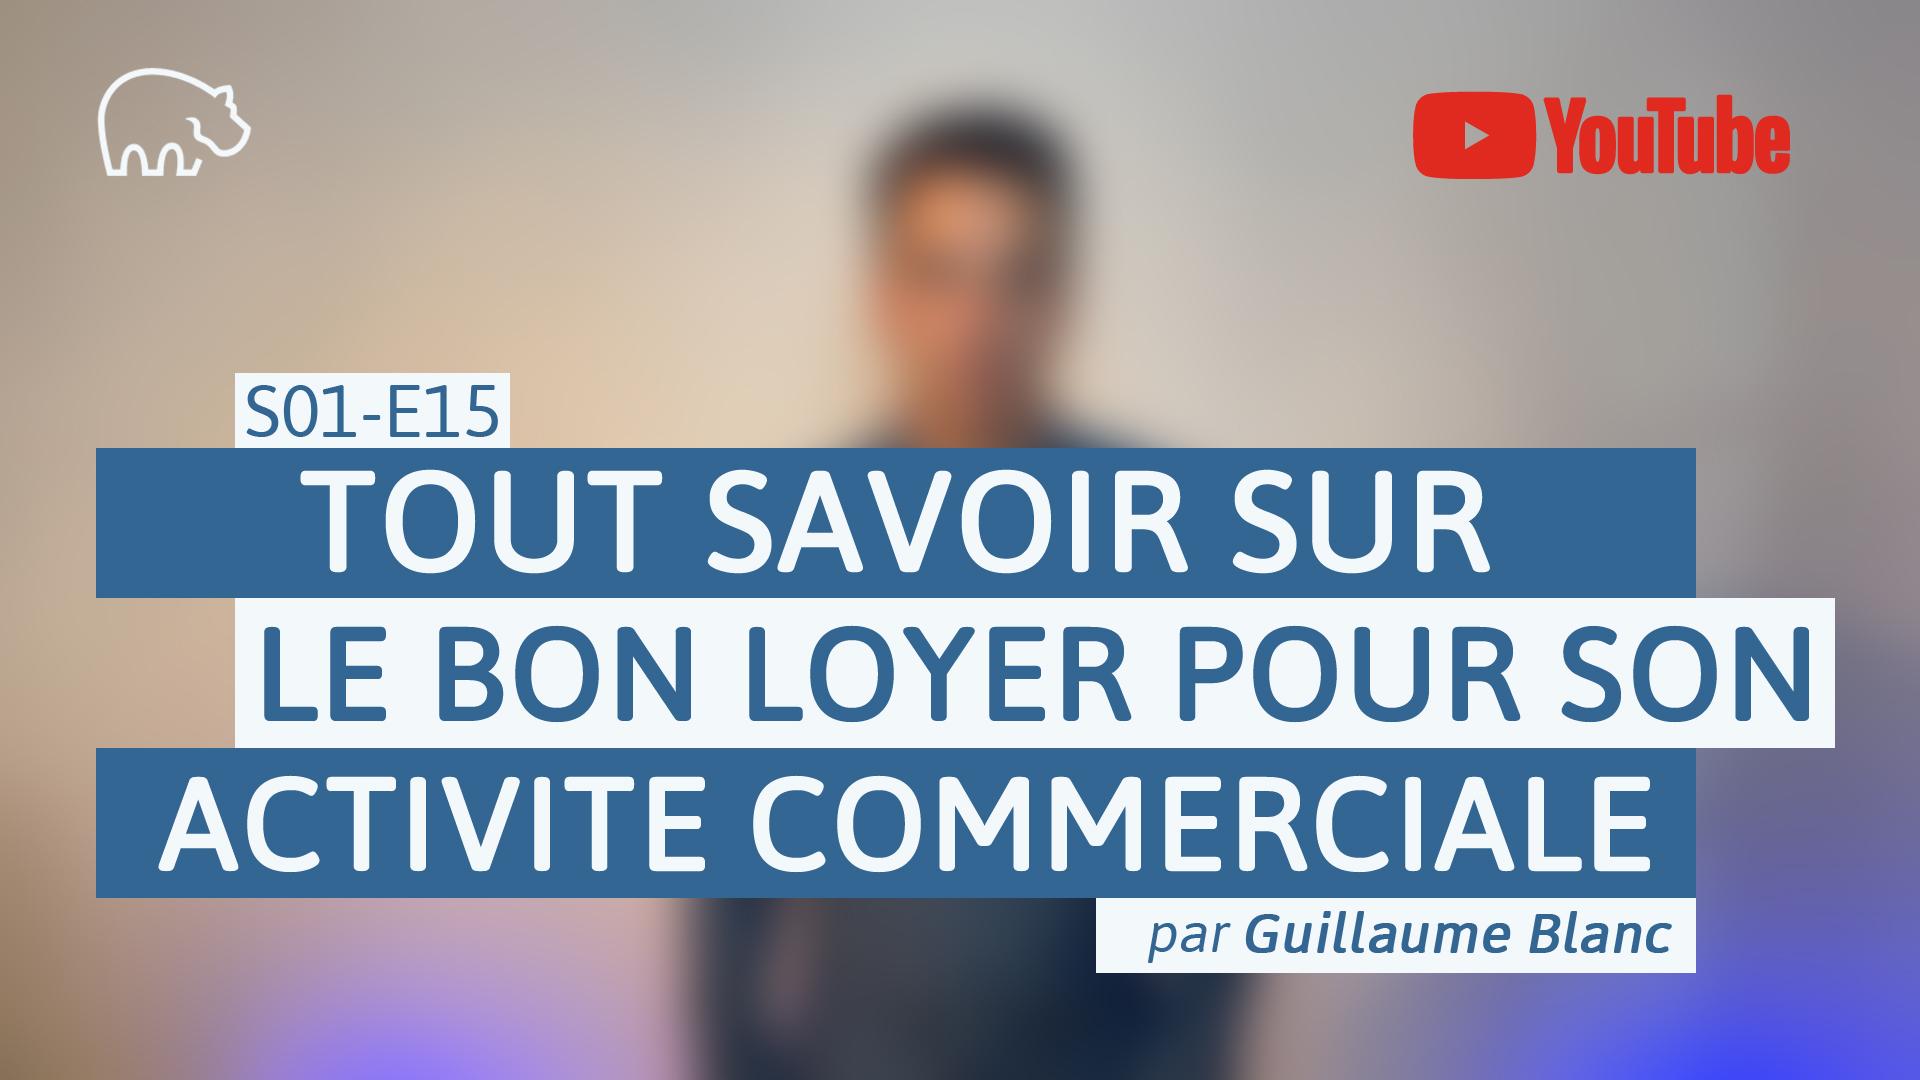 Bannière illustration - ImmoPotamTV - YouTube - Guillaume Blanc - S01-E15 - Tout savoir sur le bon loyer pour son activité commerciale